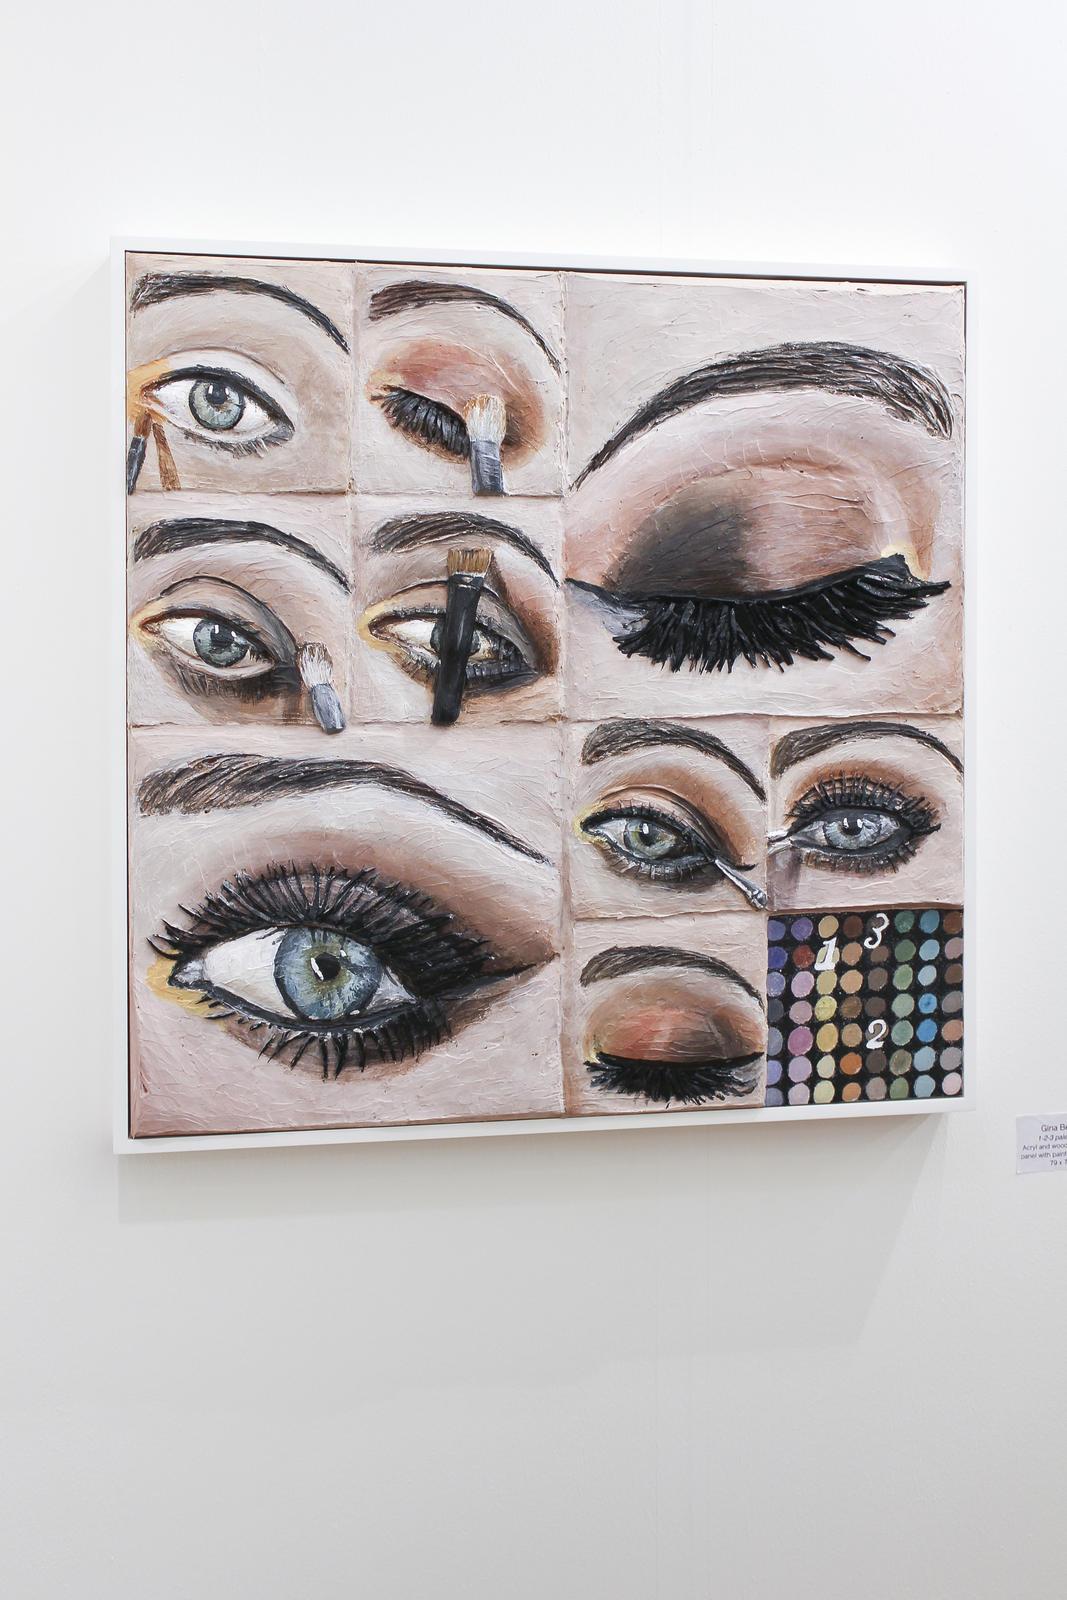 Gina Beavers at GNYP Gallery, Berlin 01